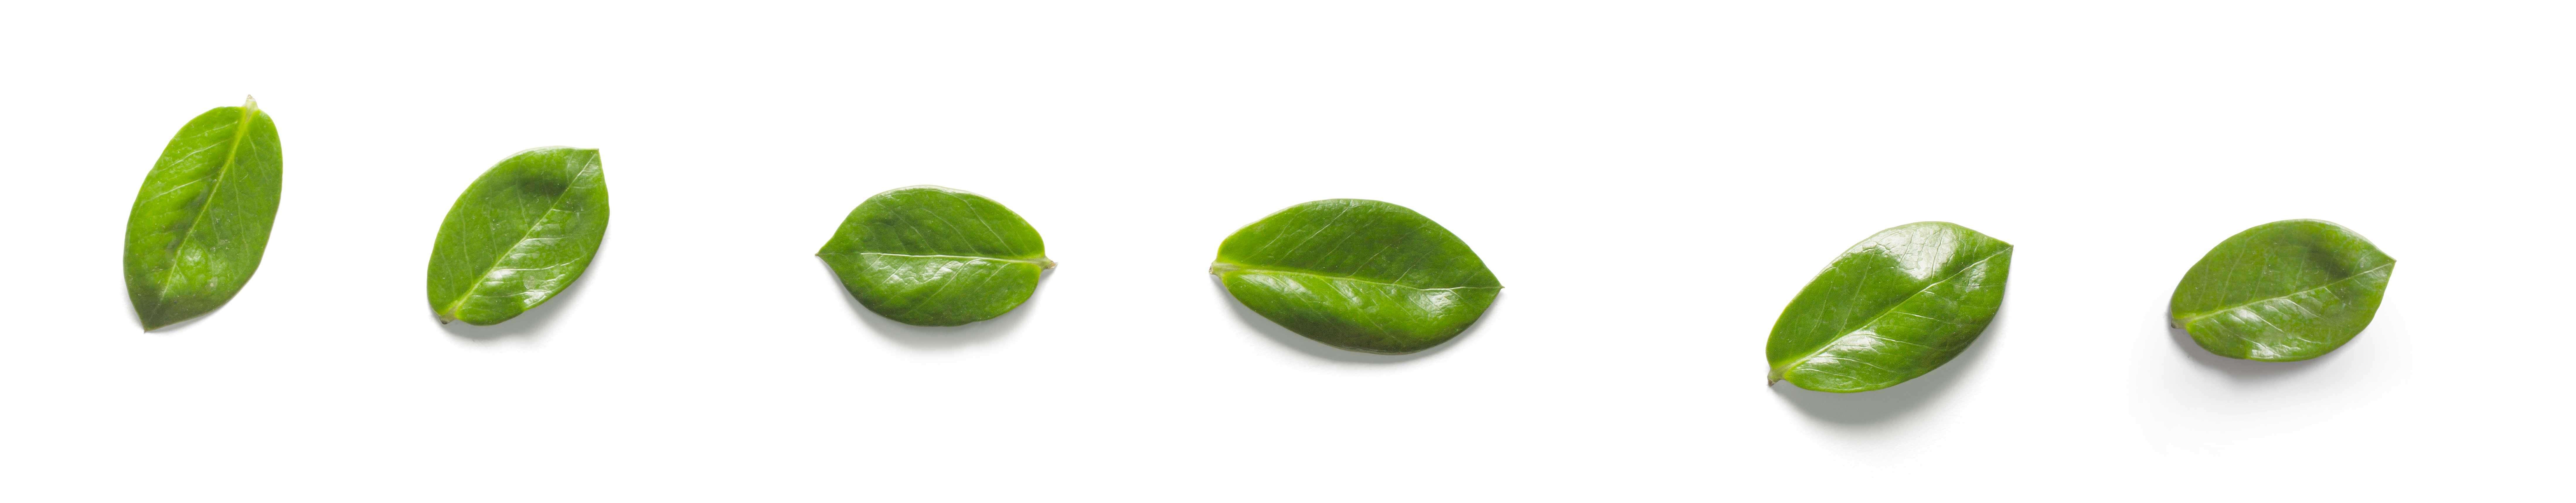 sei foglie poste in fila orizzontale di colore verde su sfondo bianco